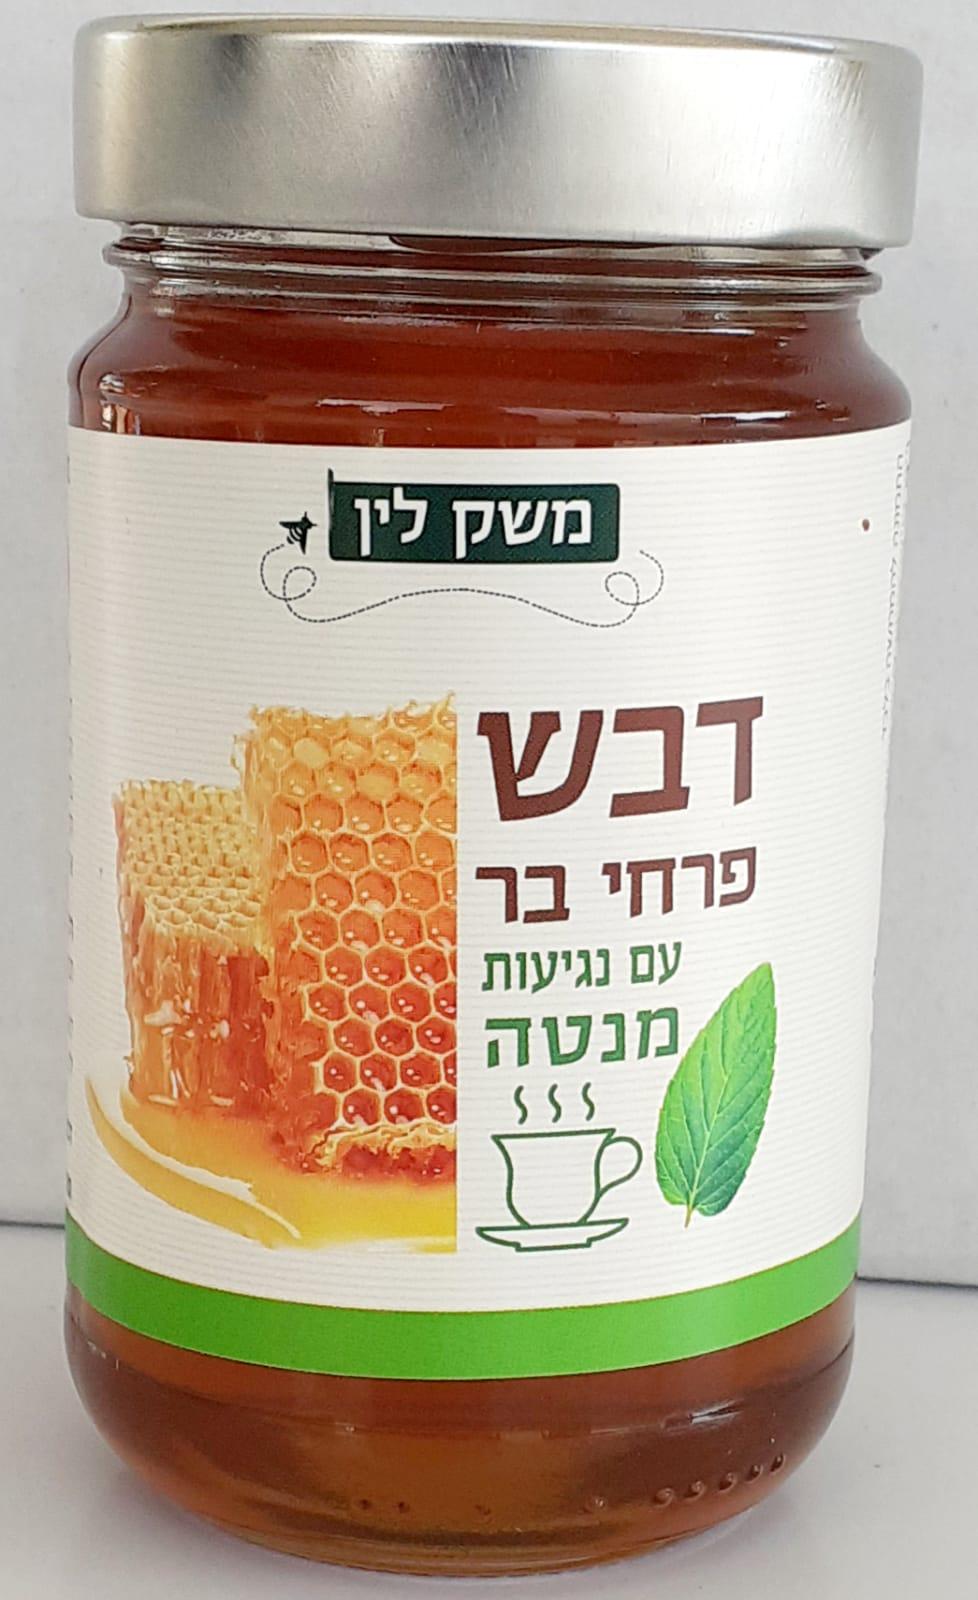 דבש מפרחי בר עם נגיעות מנטה